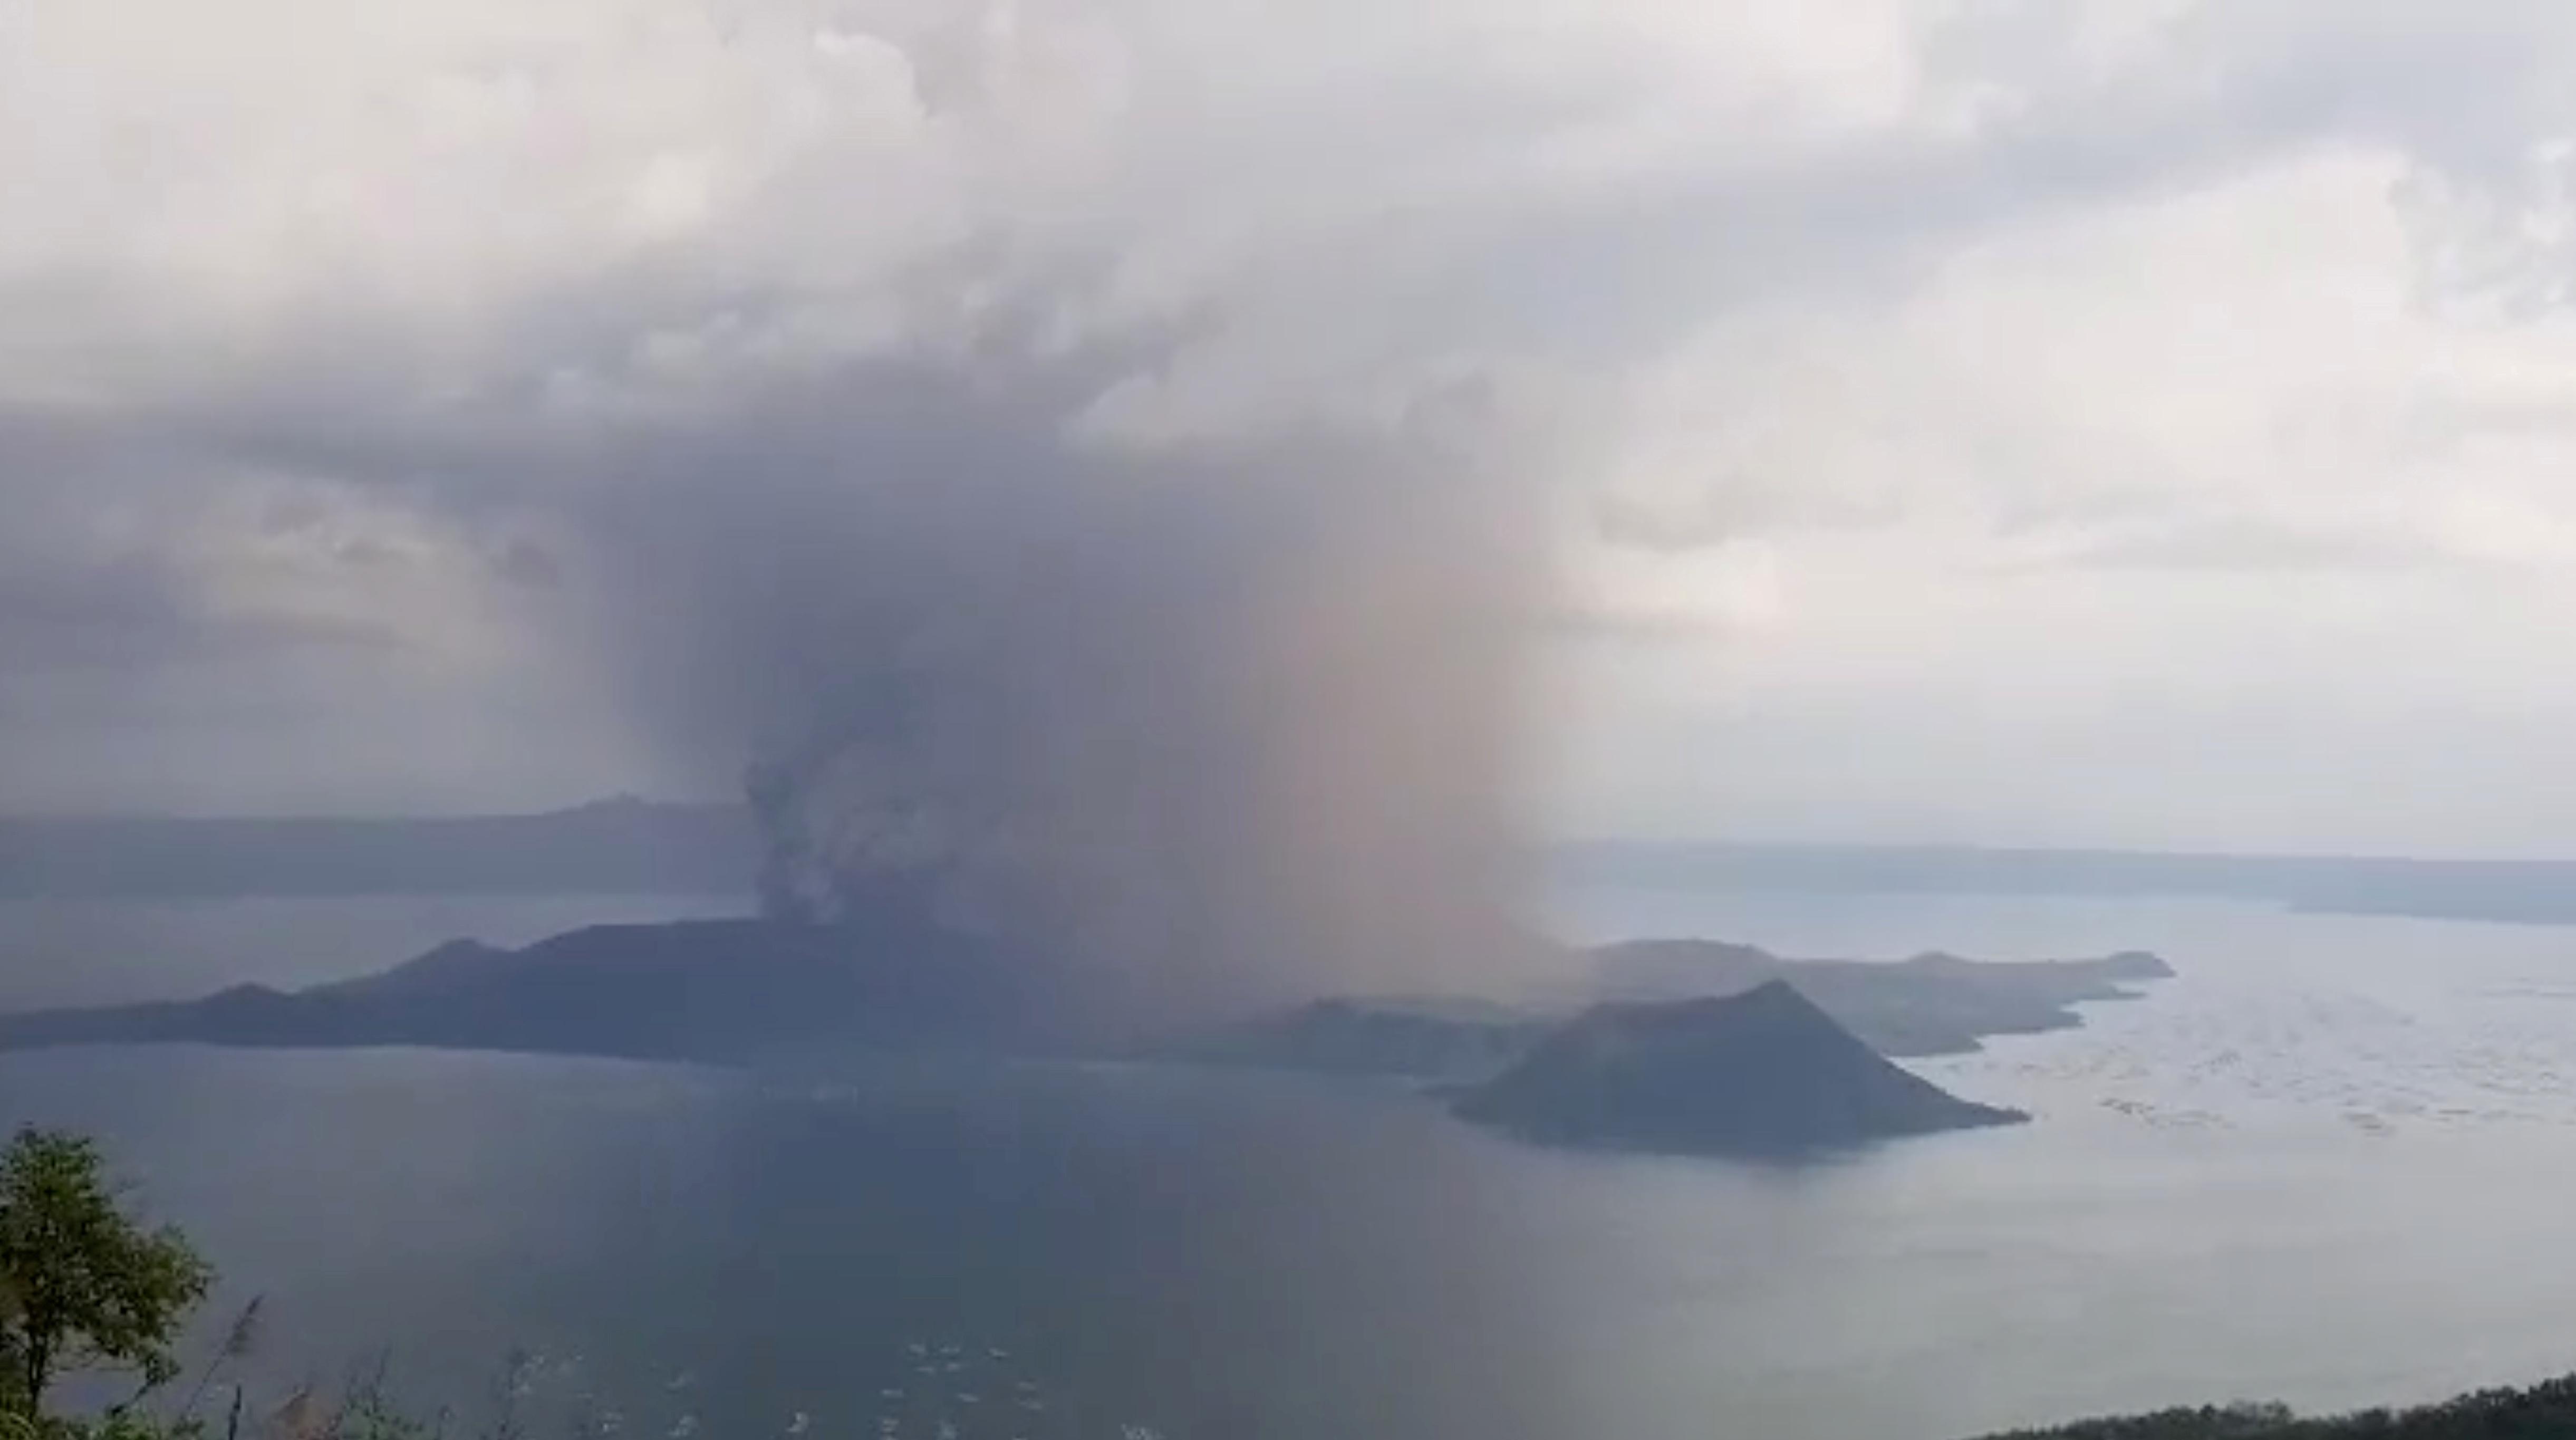 Ξύπνησε το ηφαίστειο Ταάλ! Συναγερμός στις Φιλιππίνες [Pics]